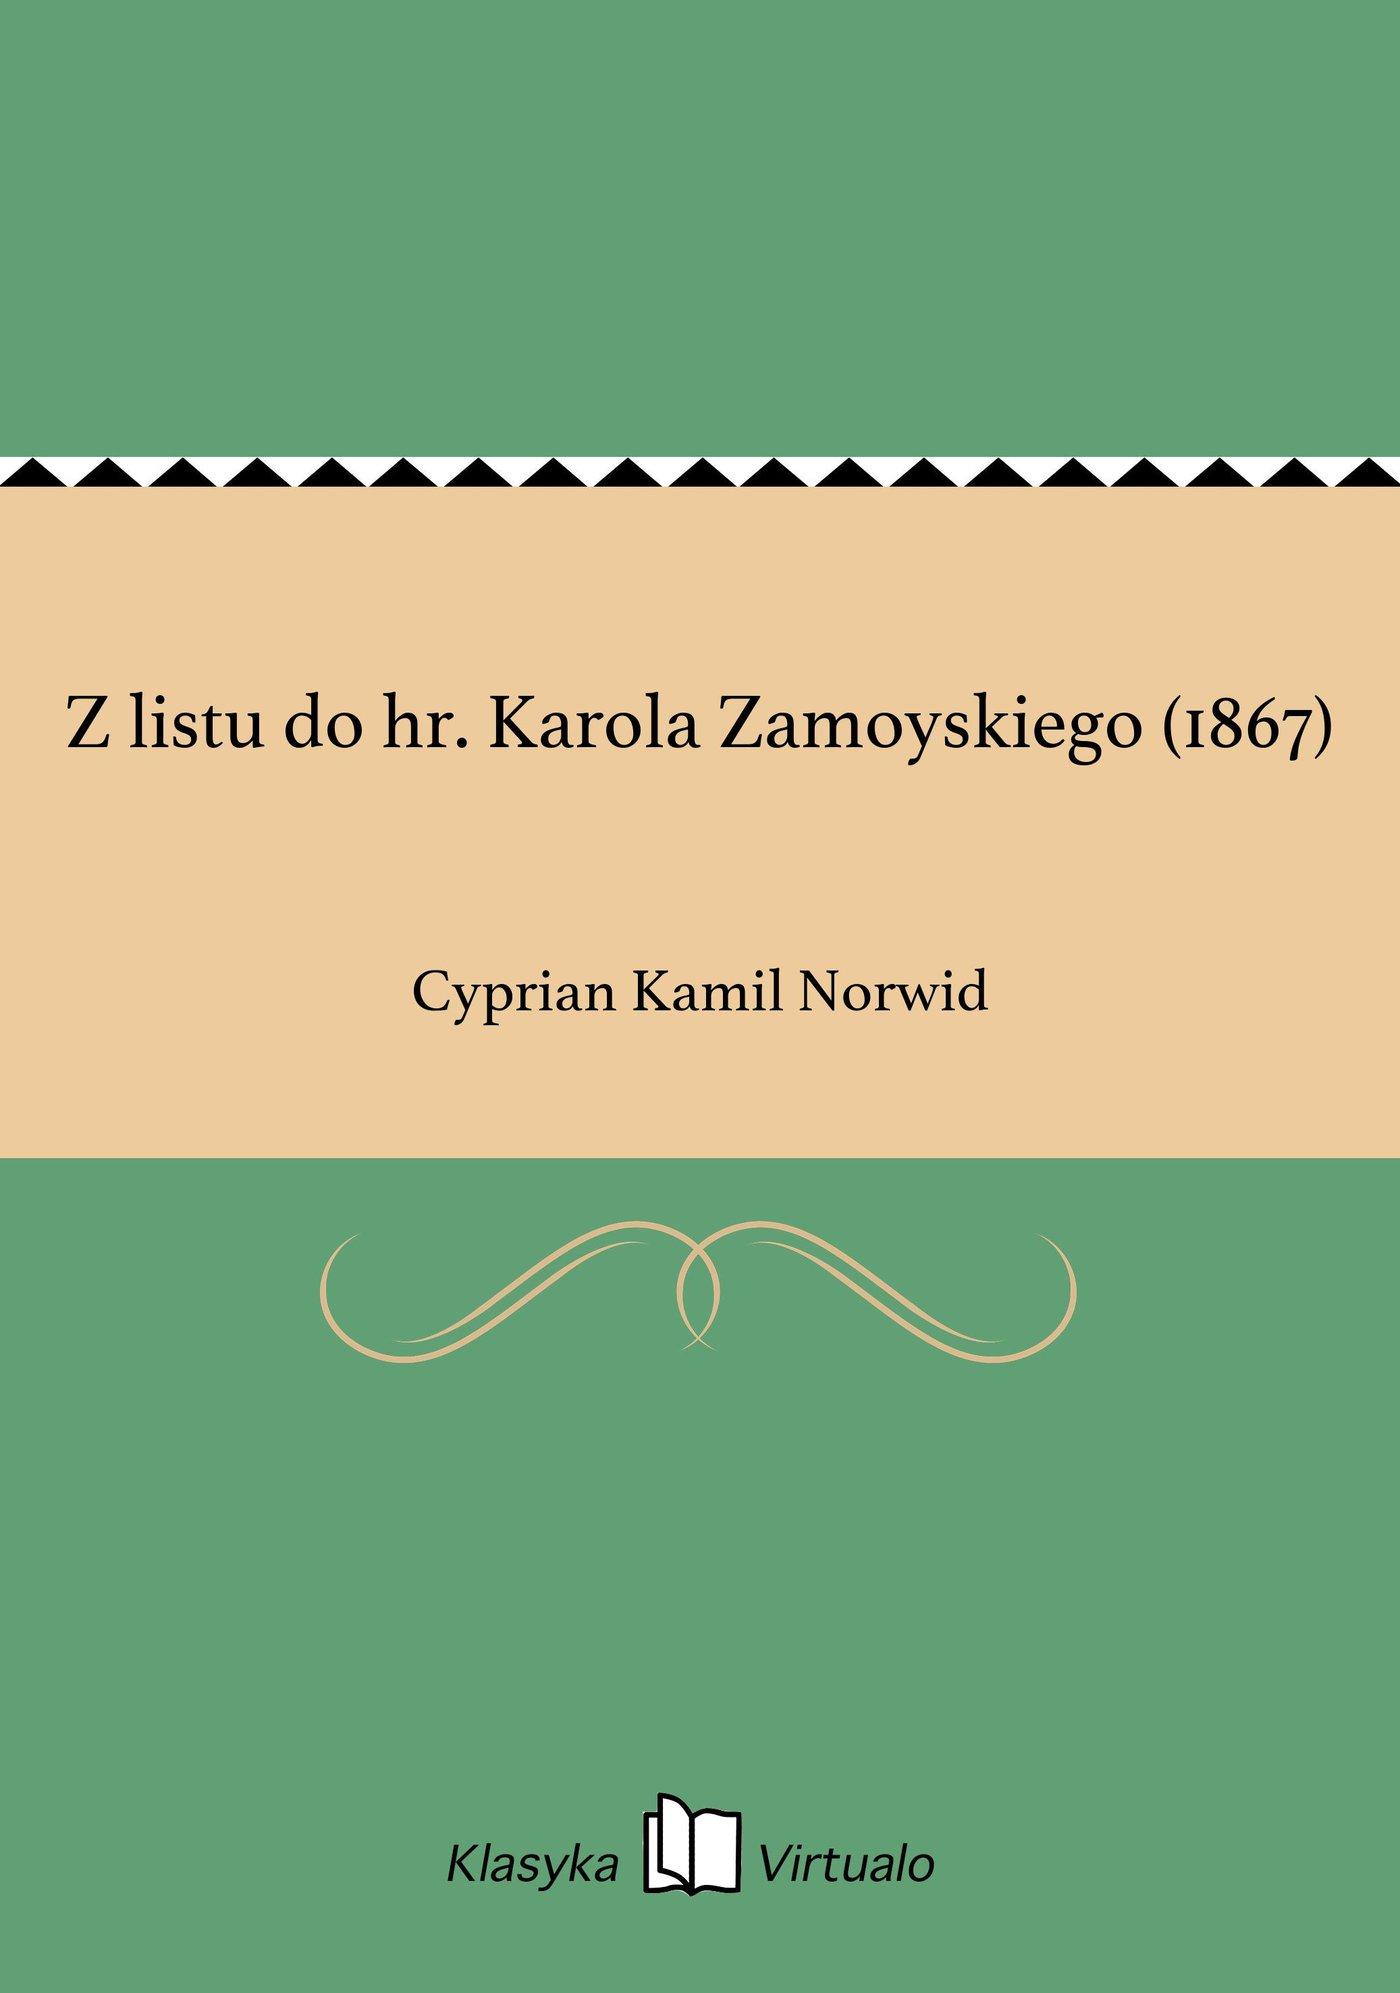 Z listu do hr. Karola Zamoyskiego (1867) - Ebook (Książka na Kindle) do pobrania w formacie MOBI